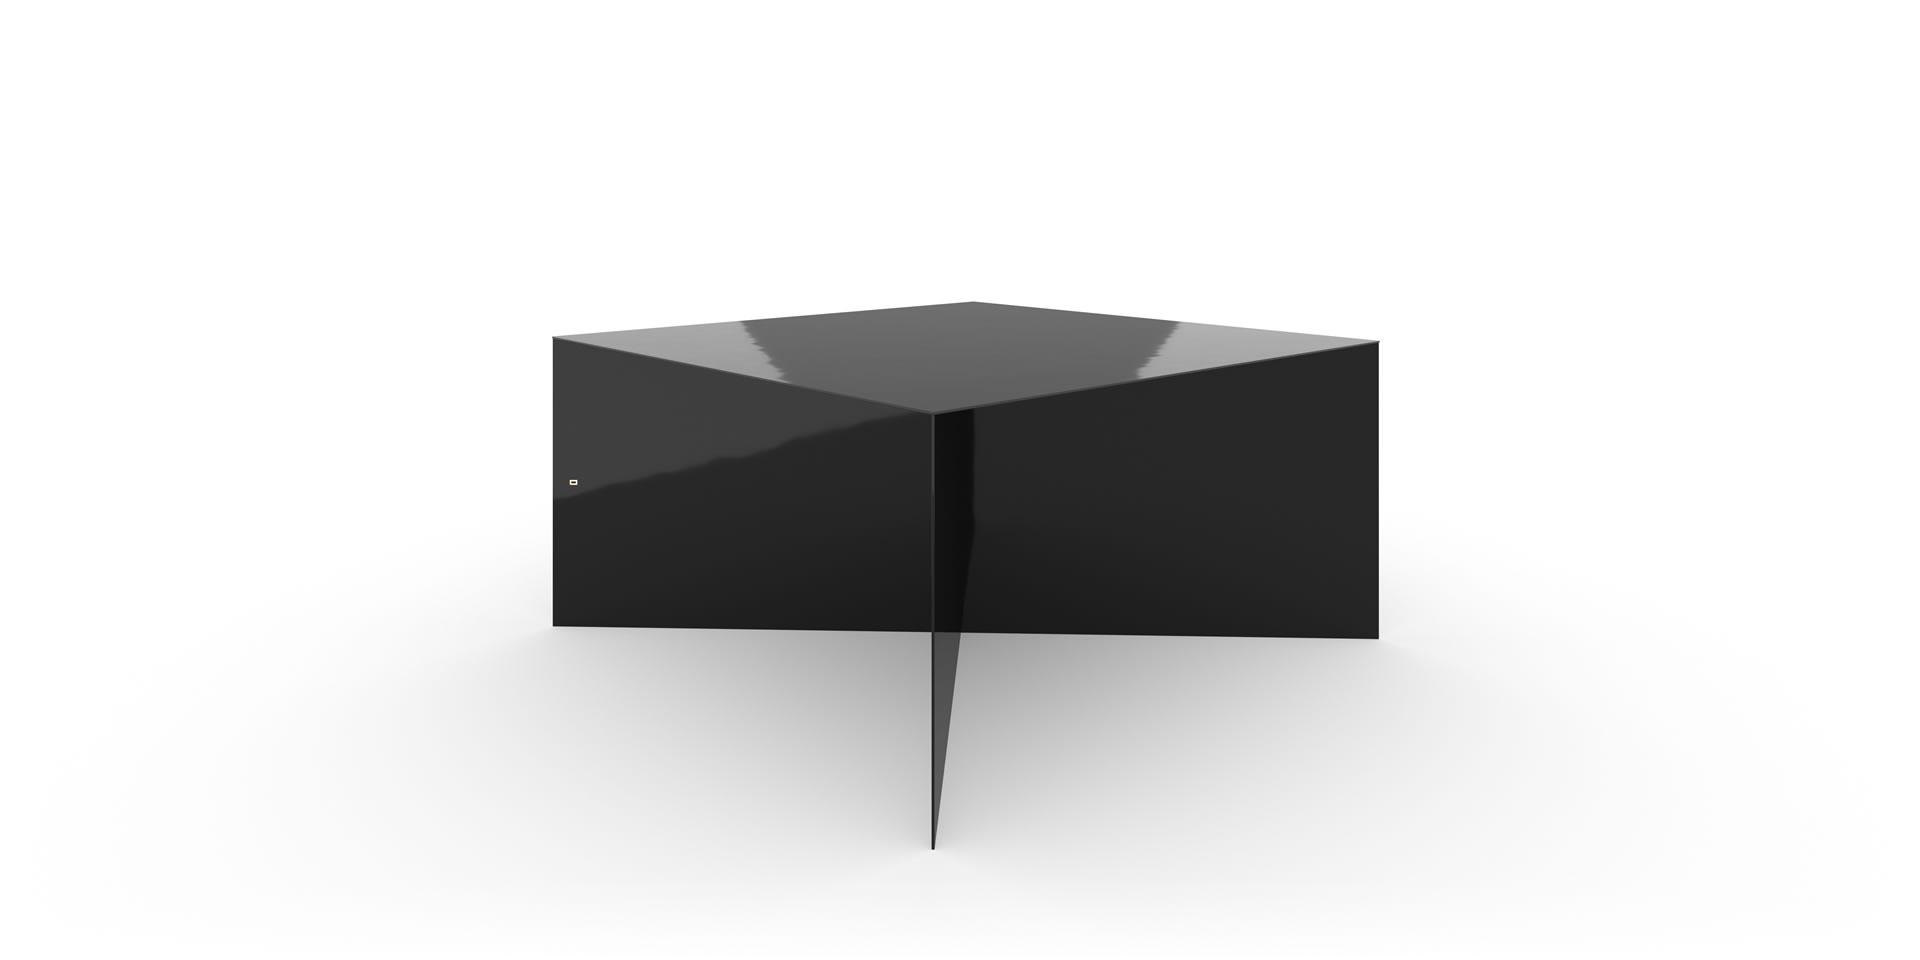 Design besprechungstisch x fu tisch klavierlack schwarz for Besprechungstisch design